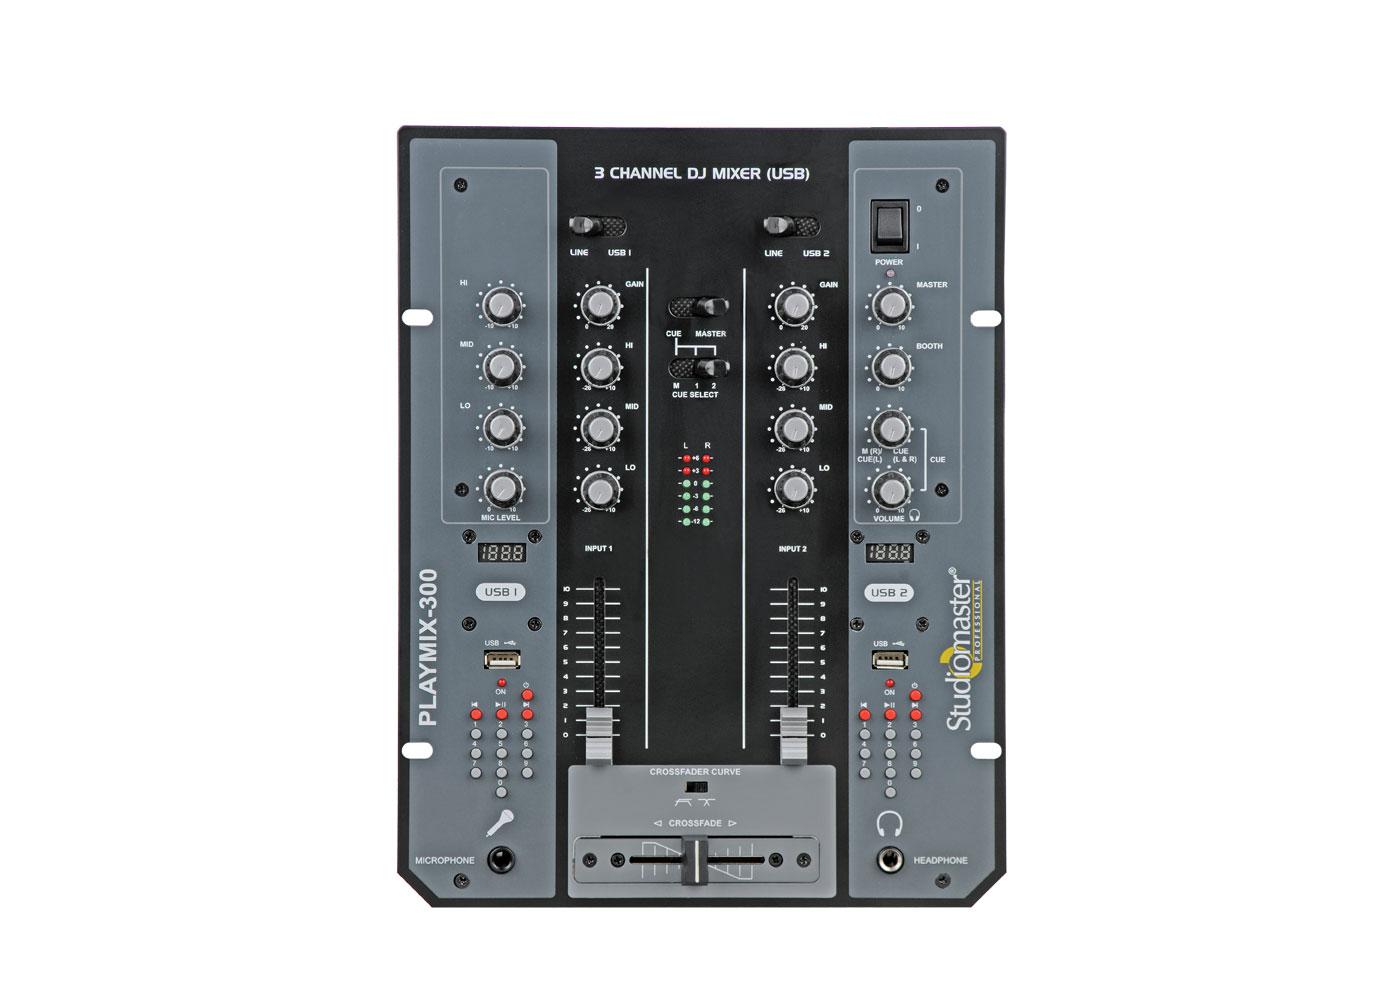 4f9b6 playmix 300 6